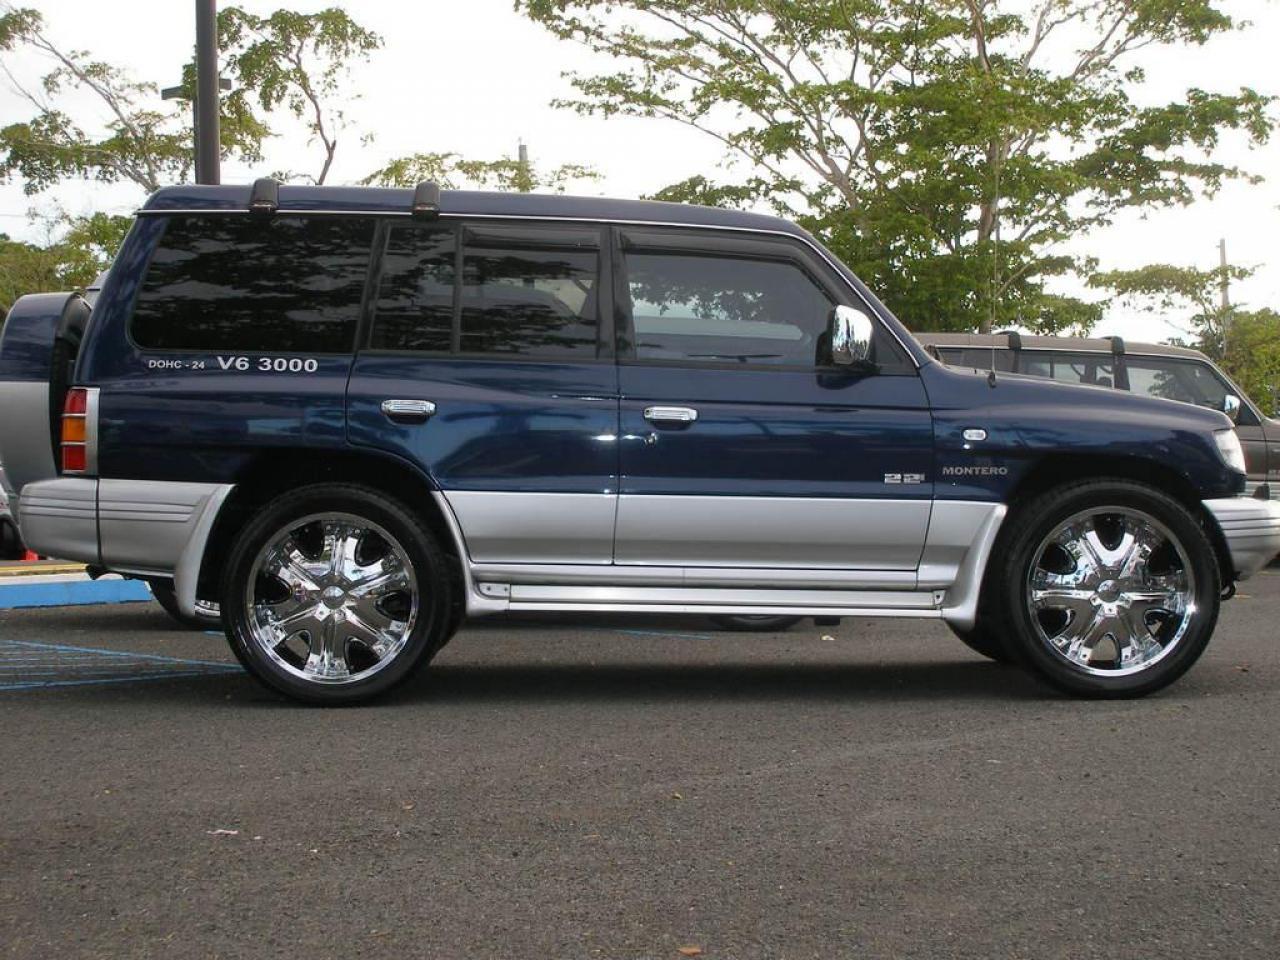 800 1024 1280 1600 origin 1998 mitsubishi montero - Mitsubishi Montero 2000 Custom